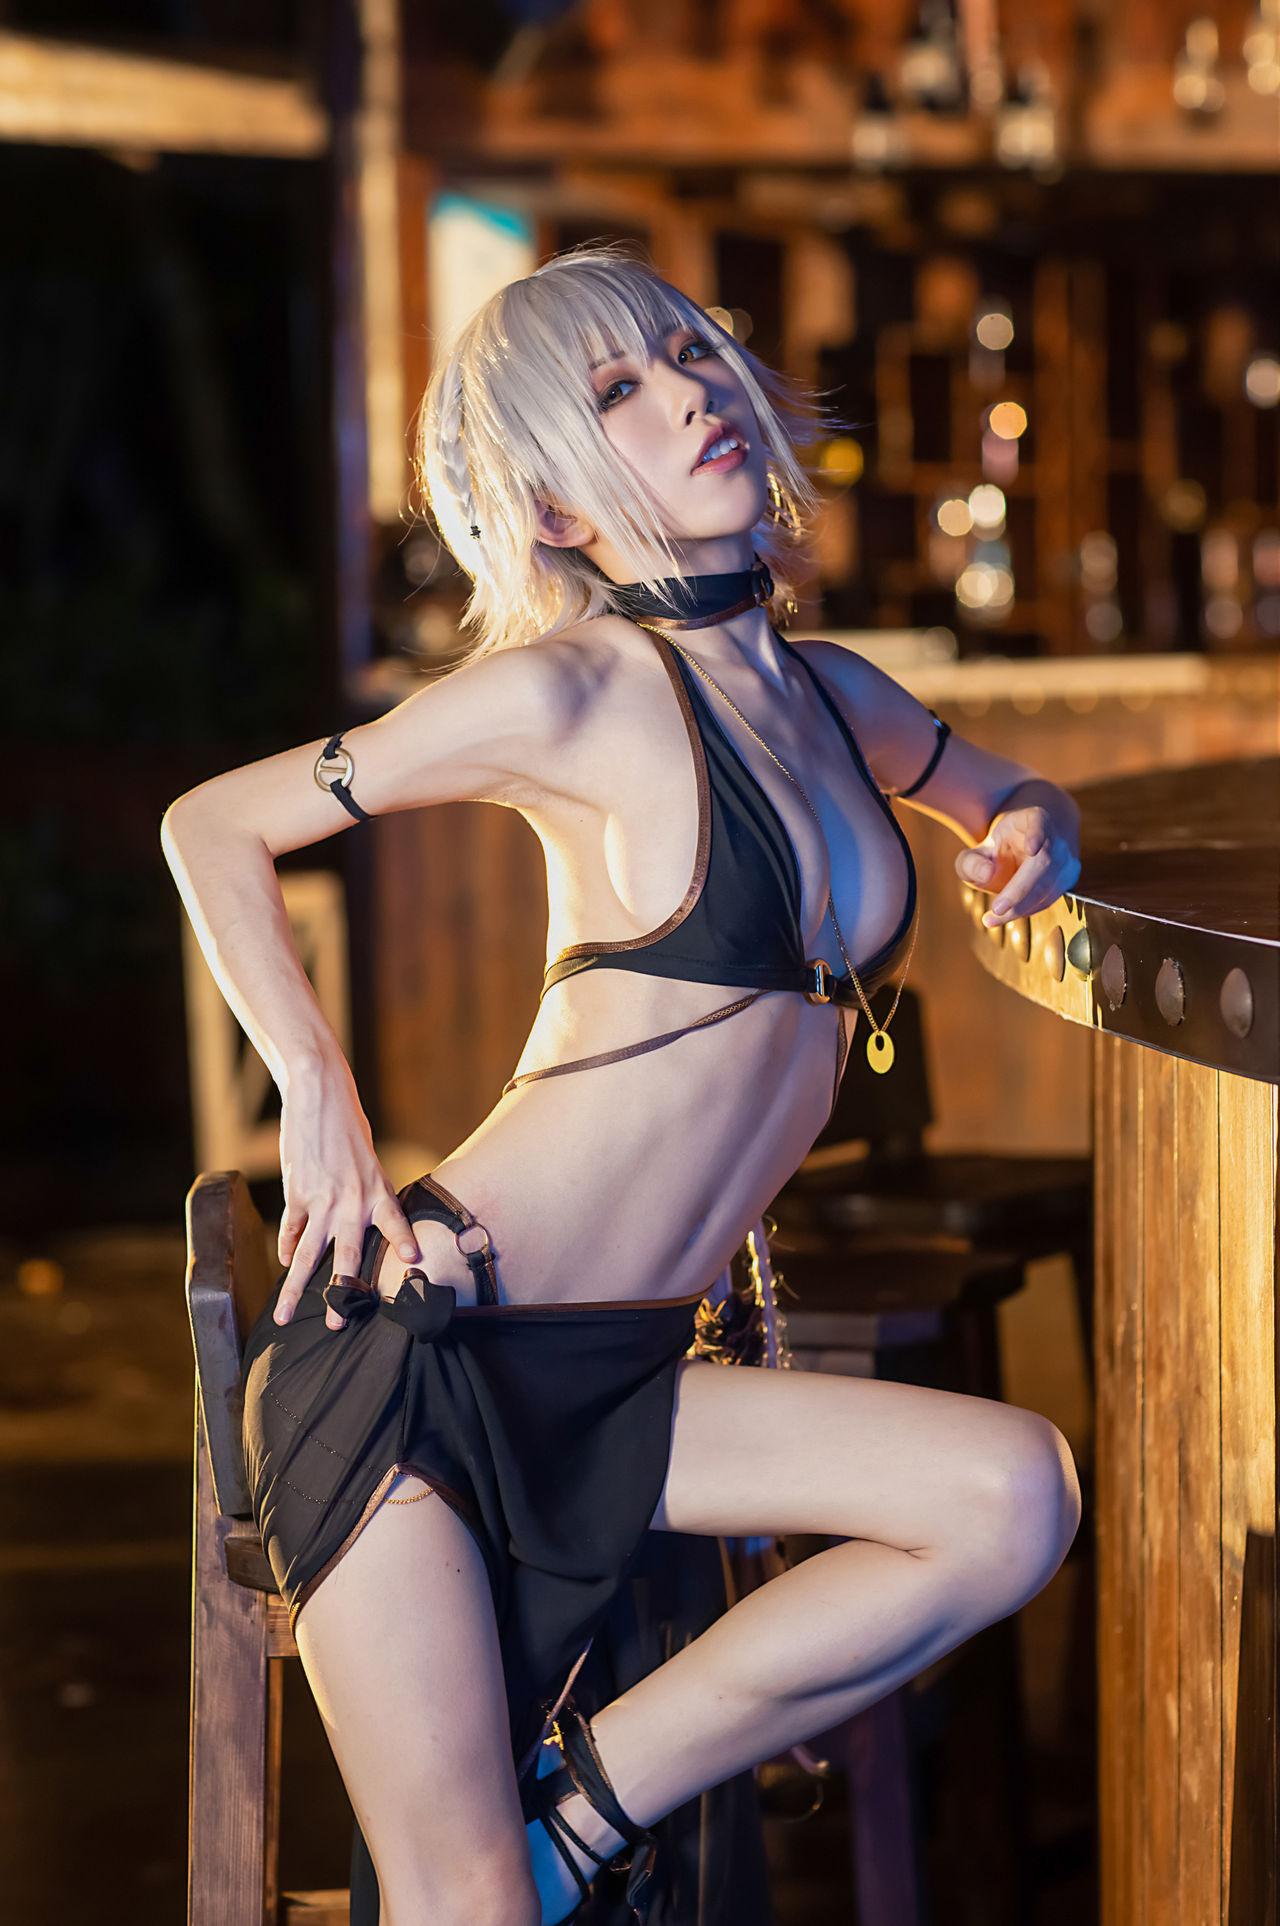 水淼 Aqua Jeanne d'Arc (Alter) Swimsuit Cosplay